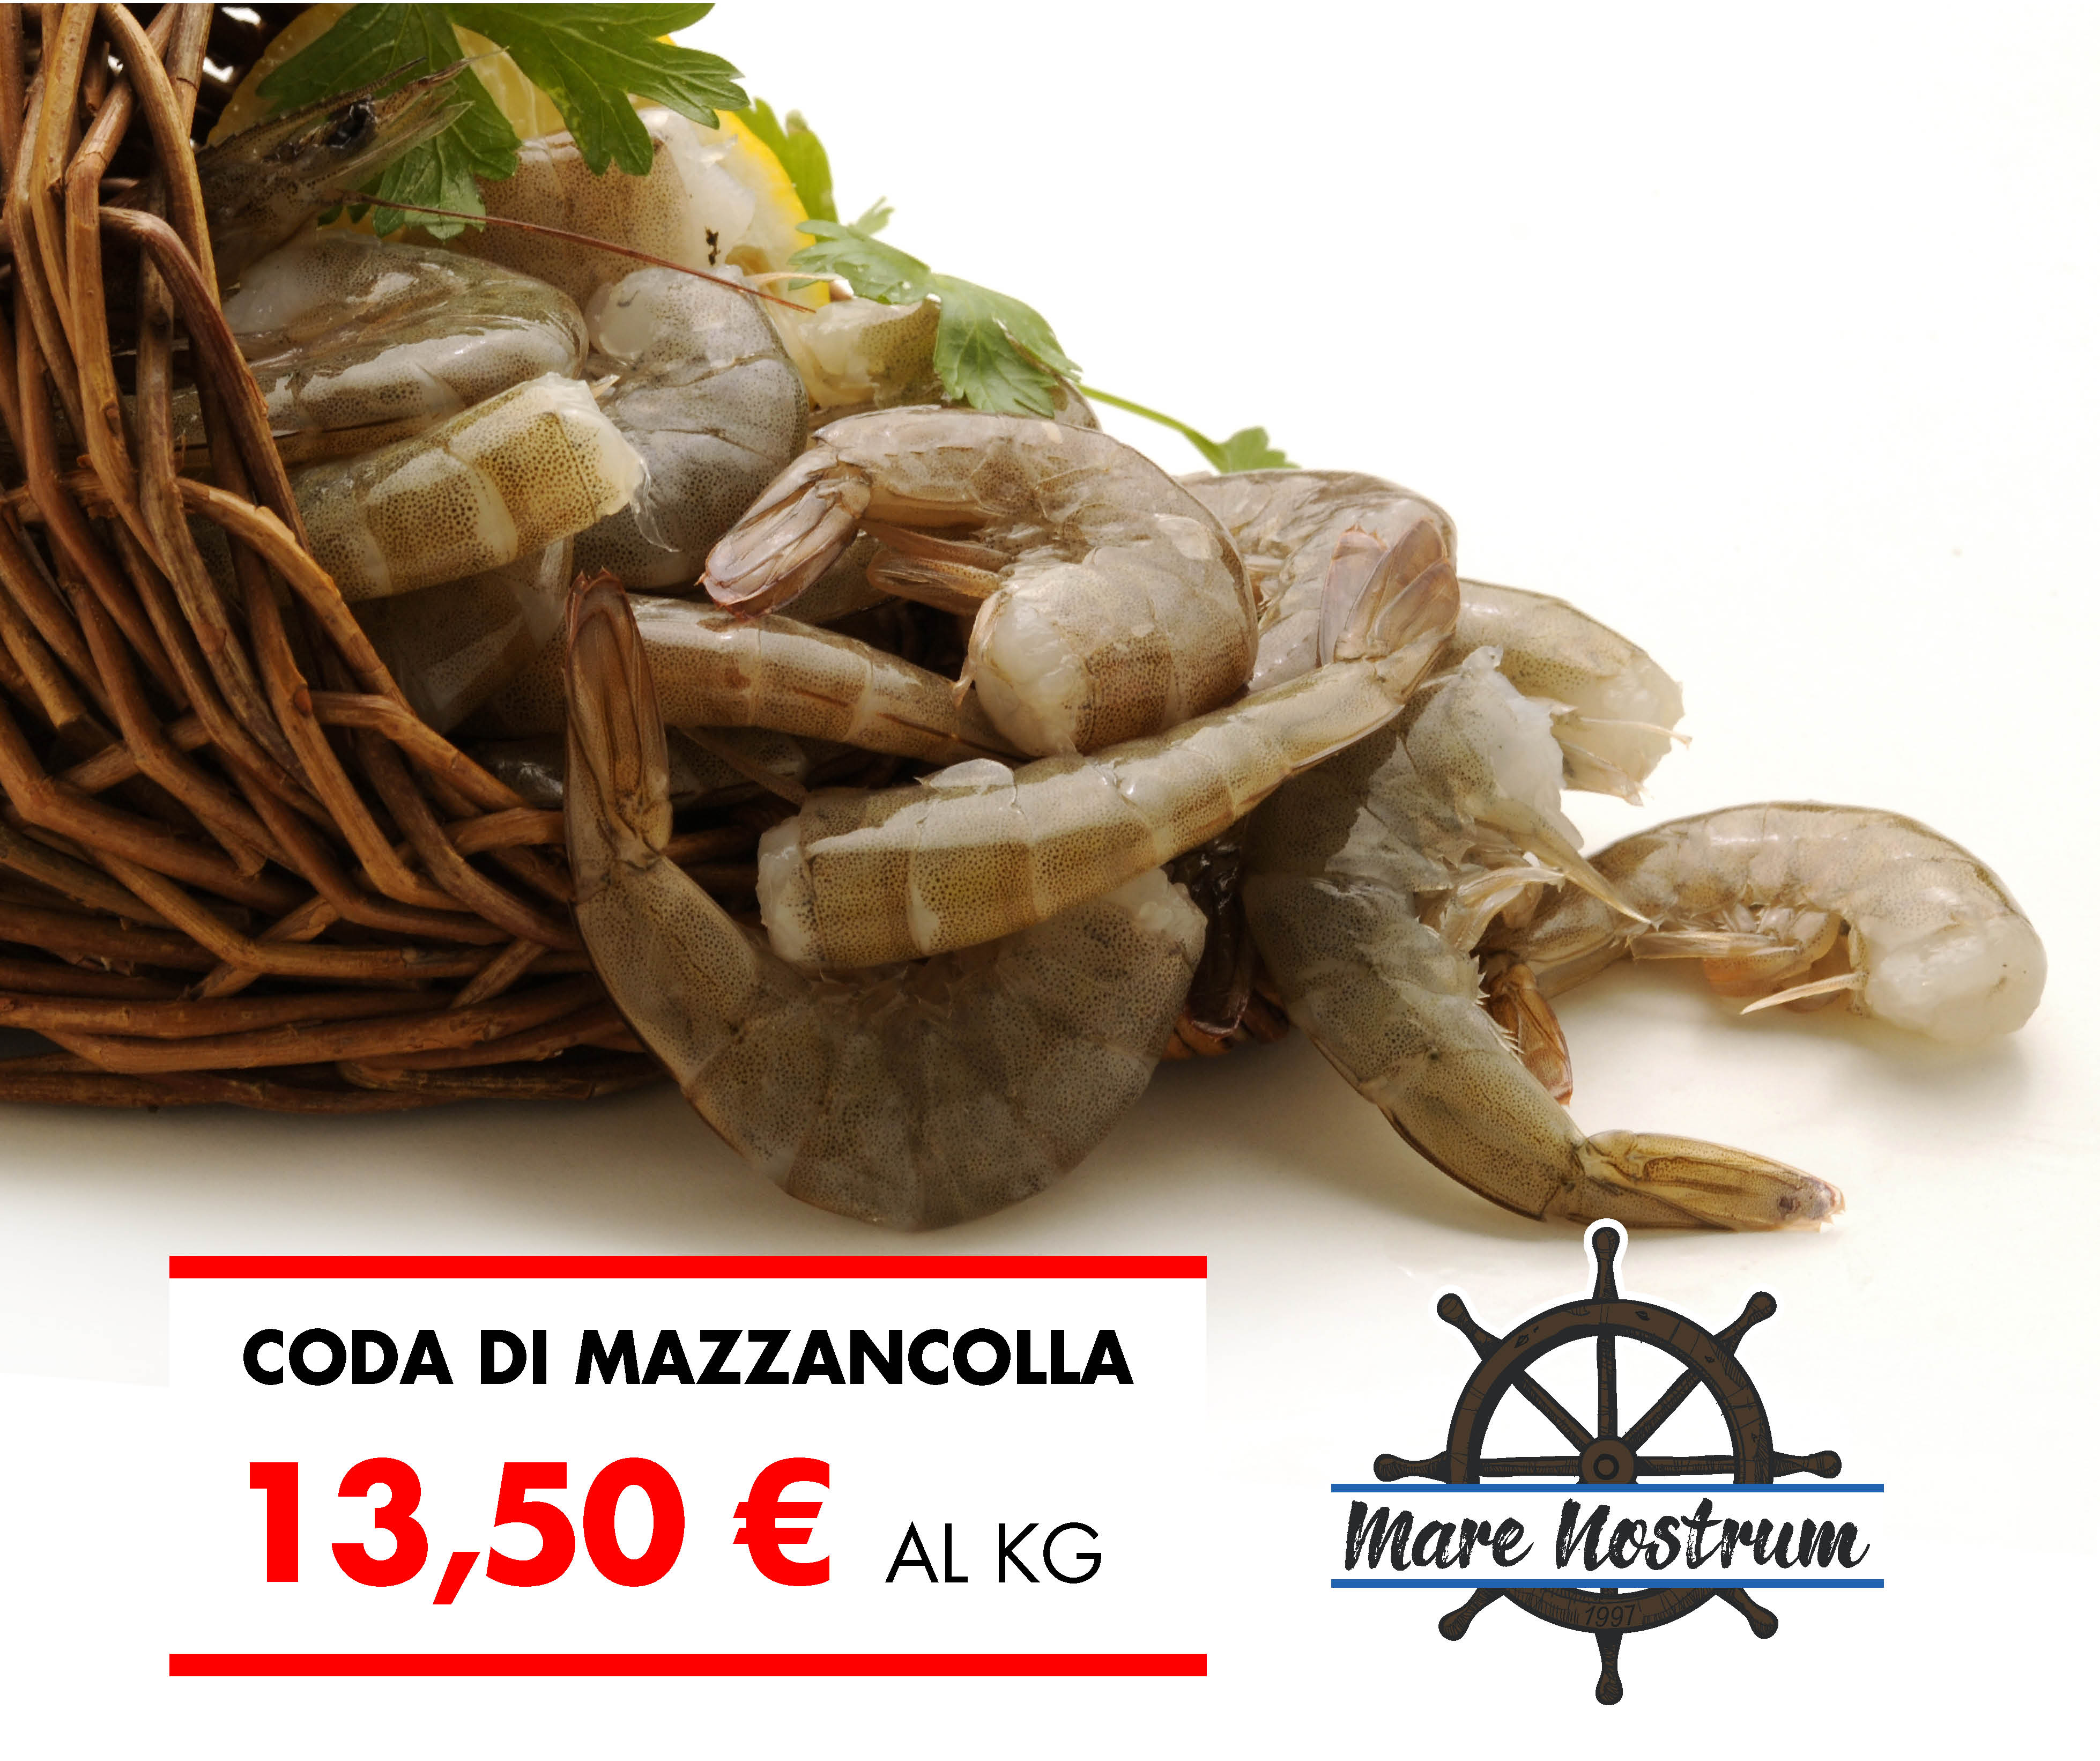 Coda Di Mazzancolla